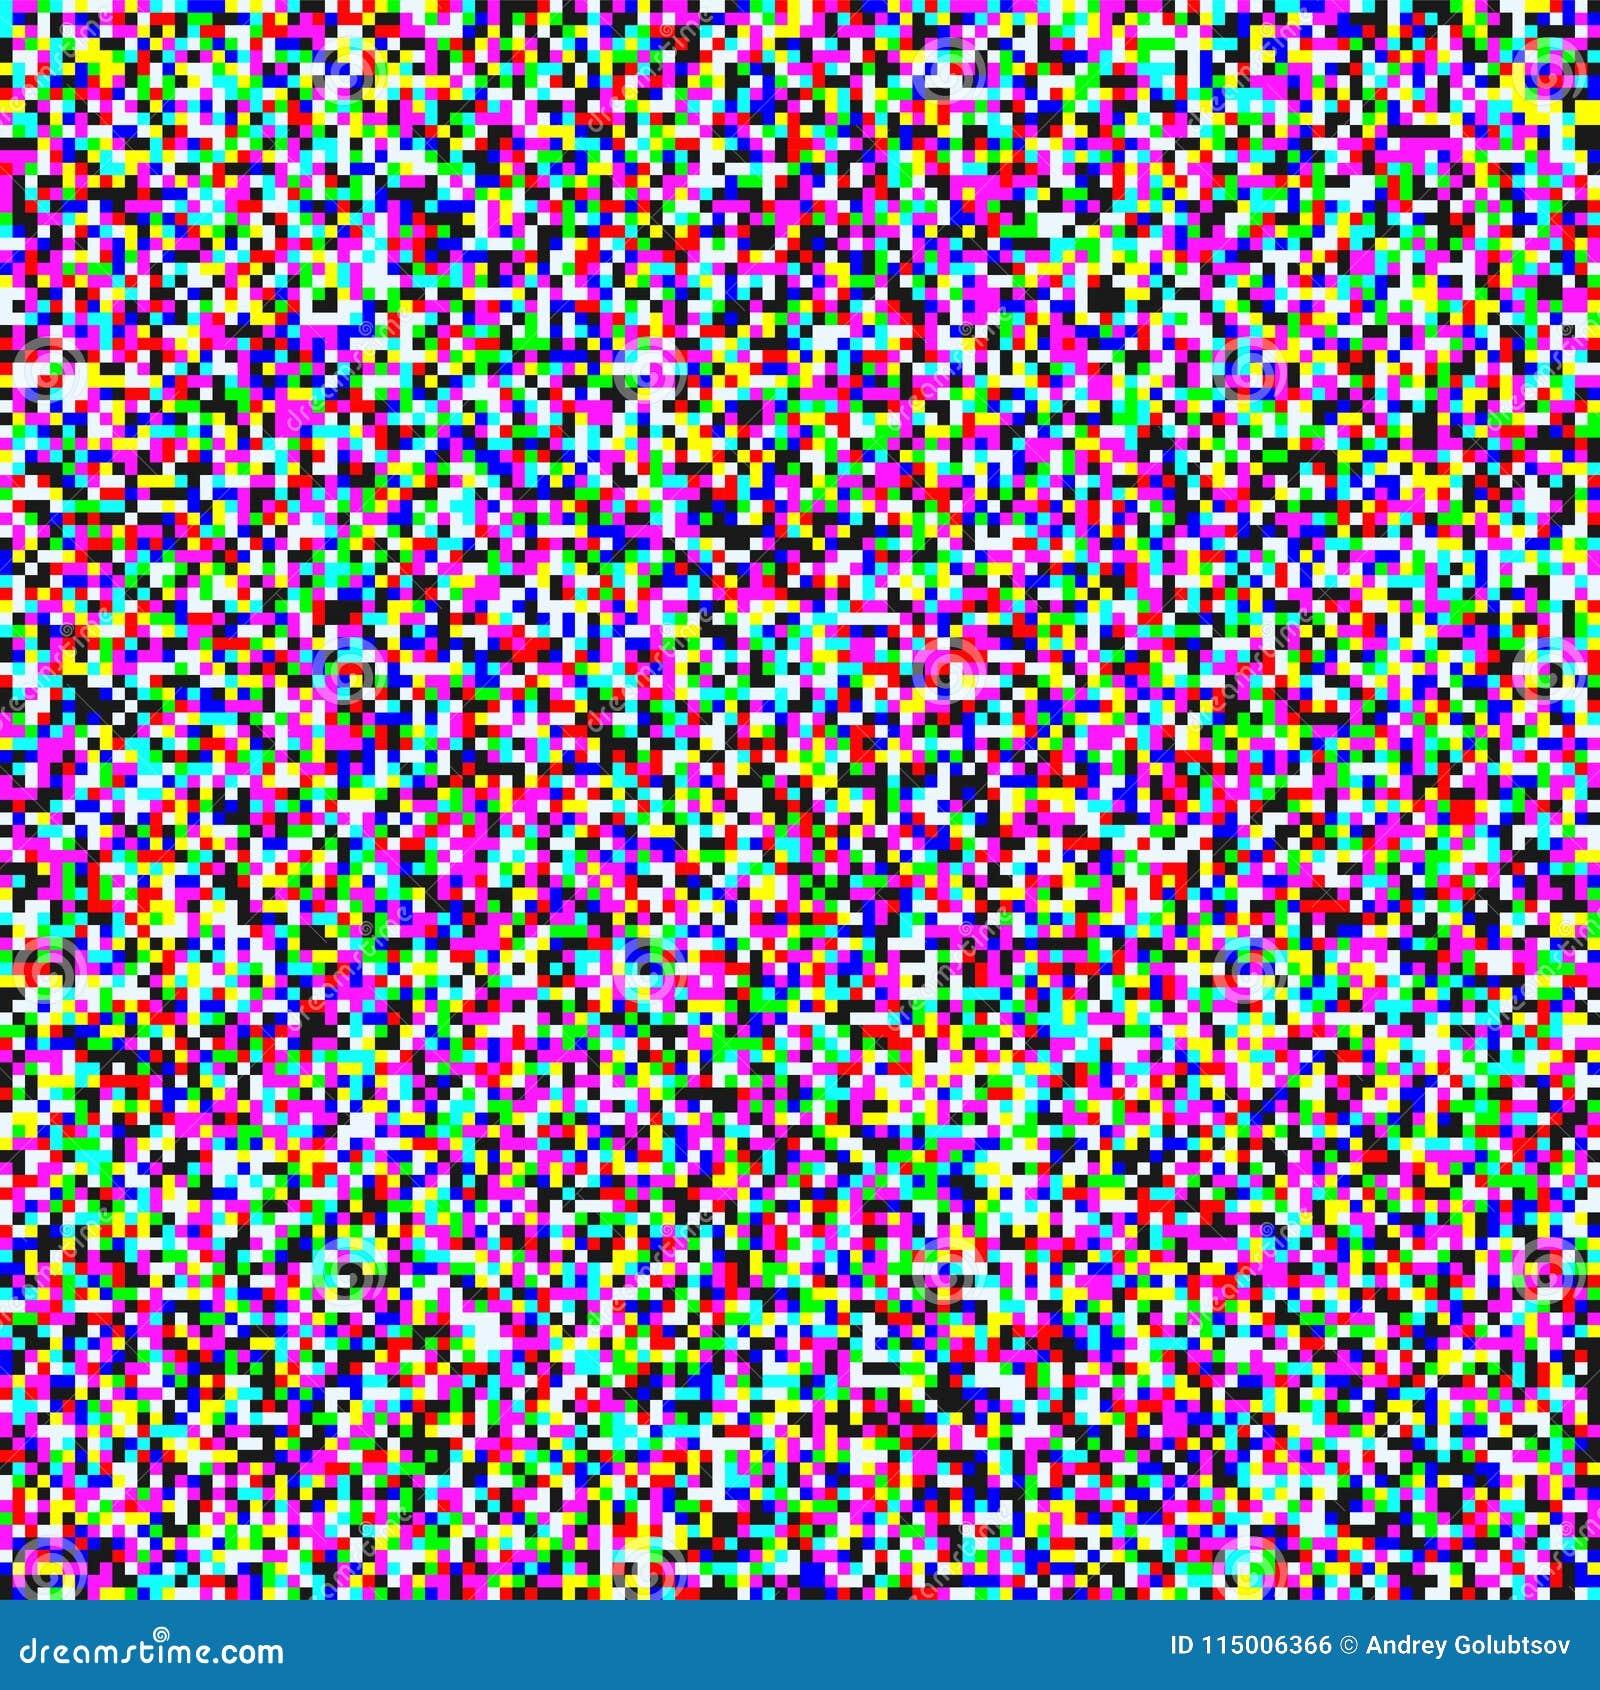 TV Pixel Noise Grain Screen Vector Background Stock Vector